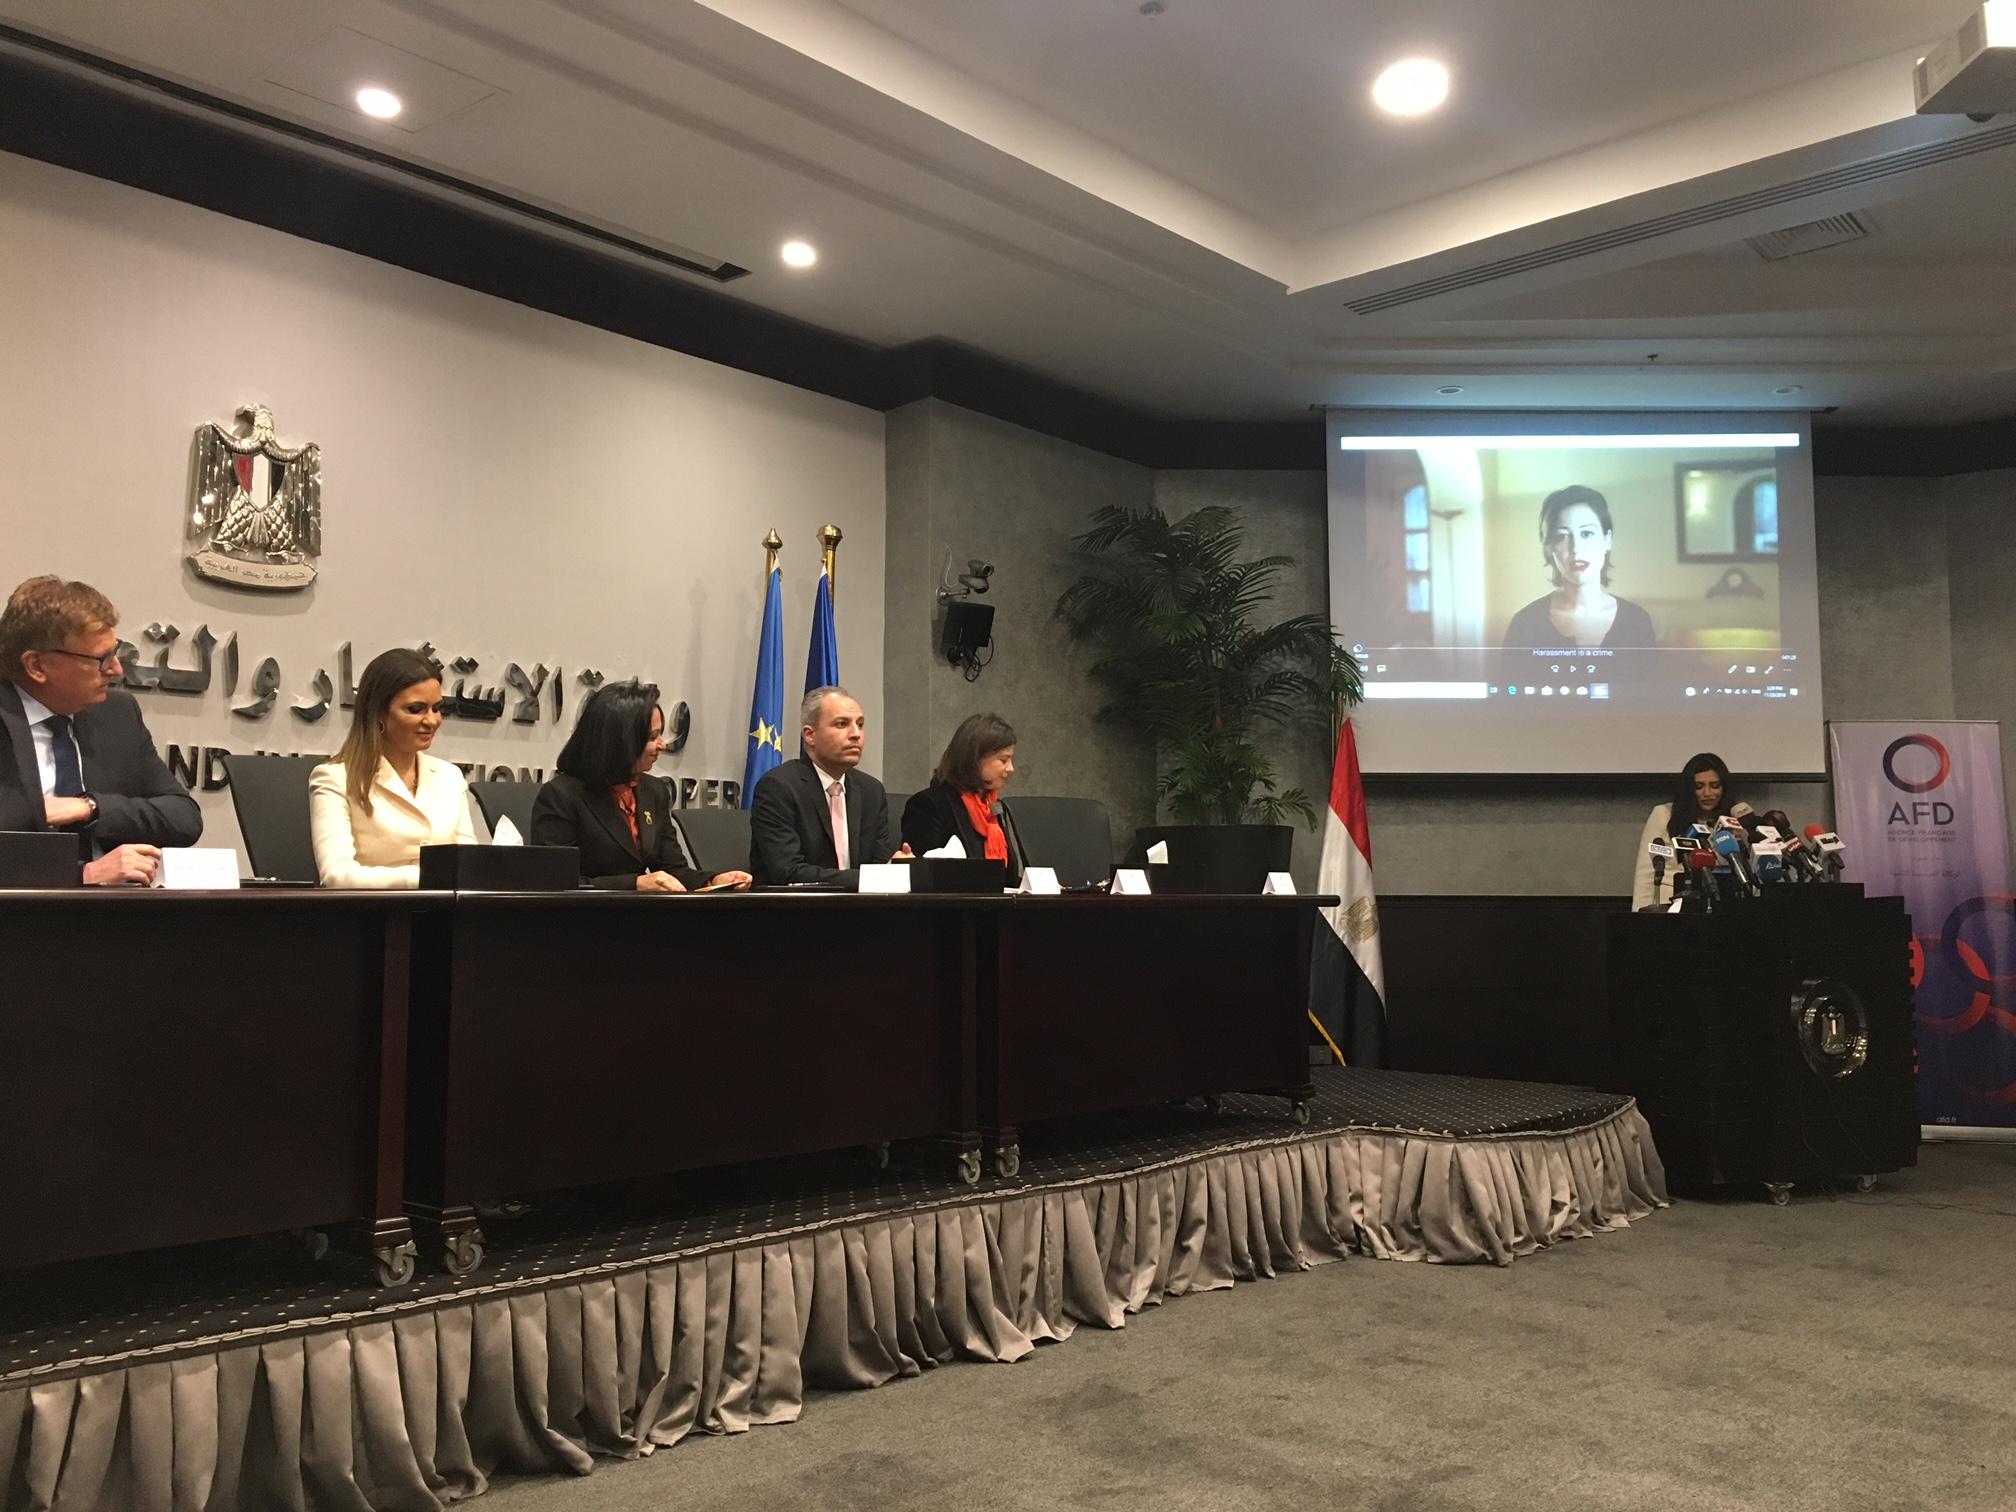 Lancement de la campagne sous le patronnage de Sahar Nasr, la Ministre de l'Investissement et de la coopération international.